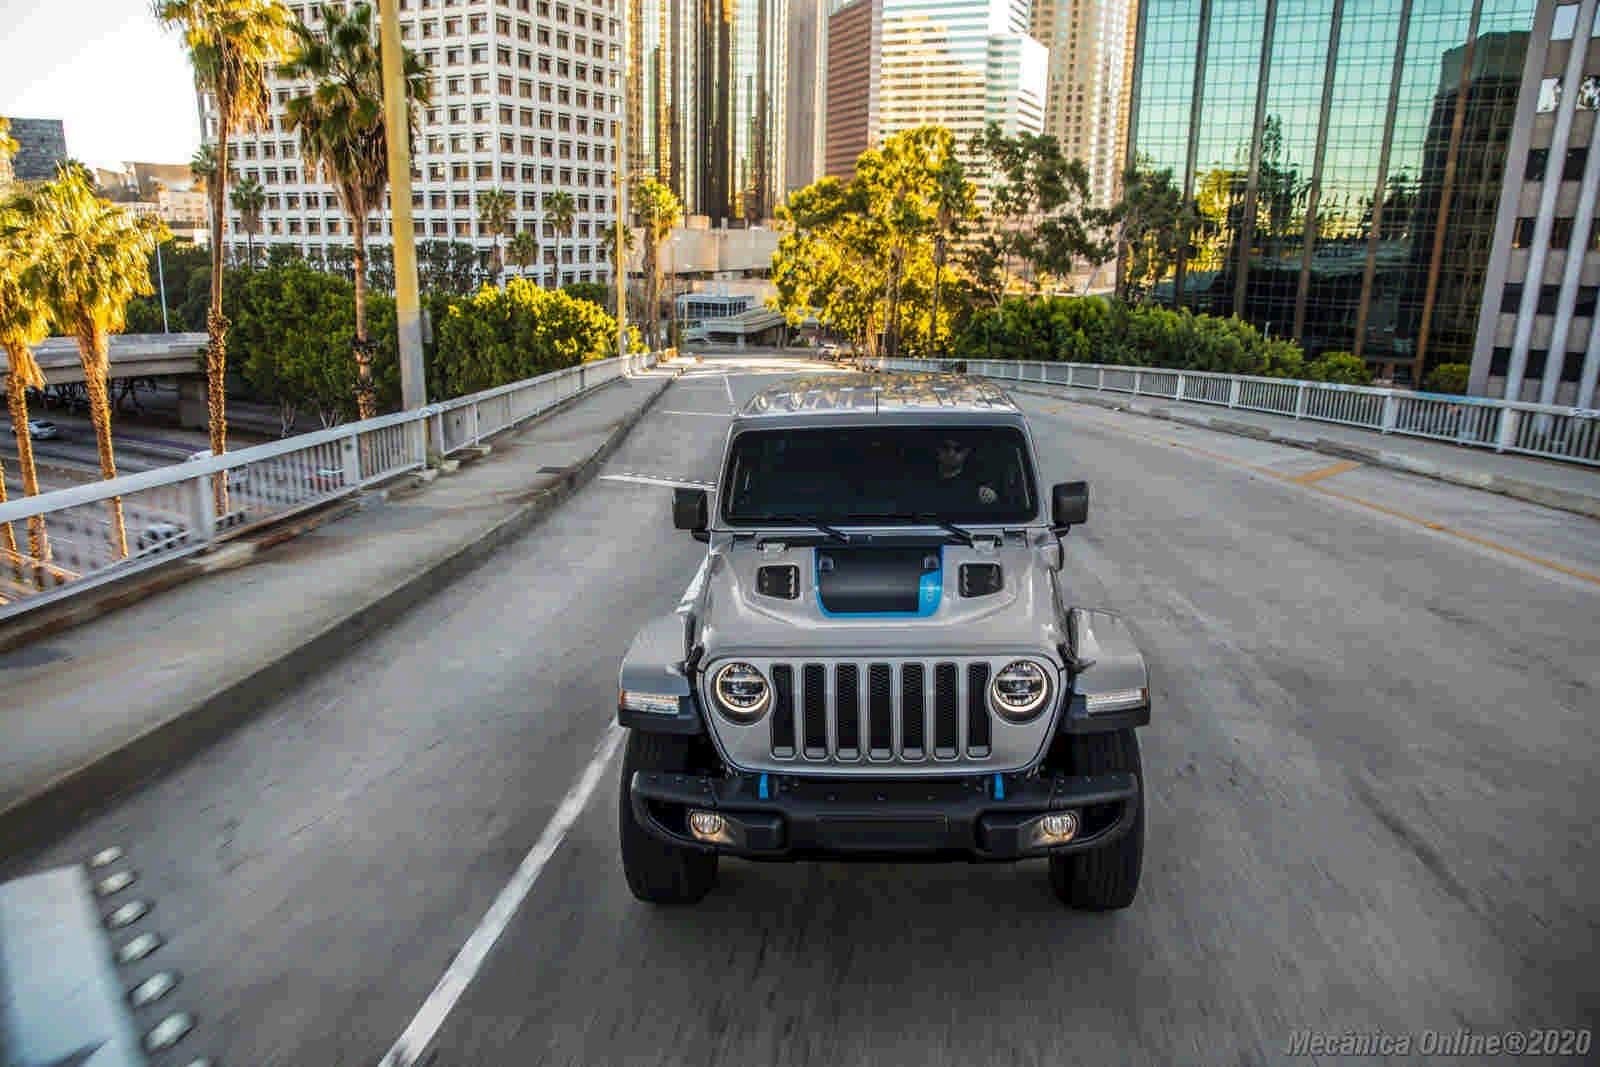 Novo Jeep Wrangler 4xe Se Junta Ao Renegade E Compass 4xe Na Linha Global De Veiculos Eletricos Da Marca Mecanica Online 20 Anos Mecanica Do Jeito Que Voce Entende